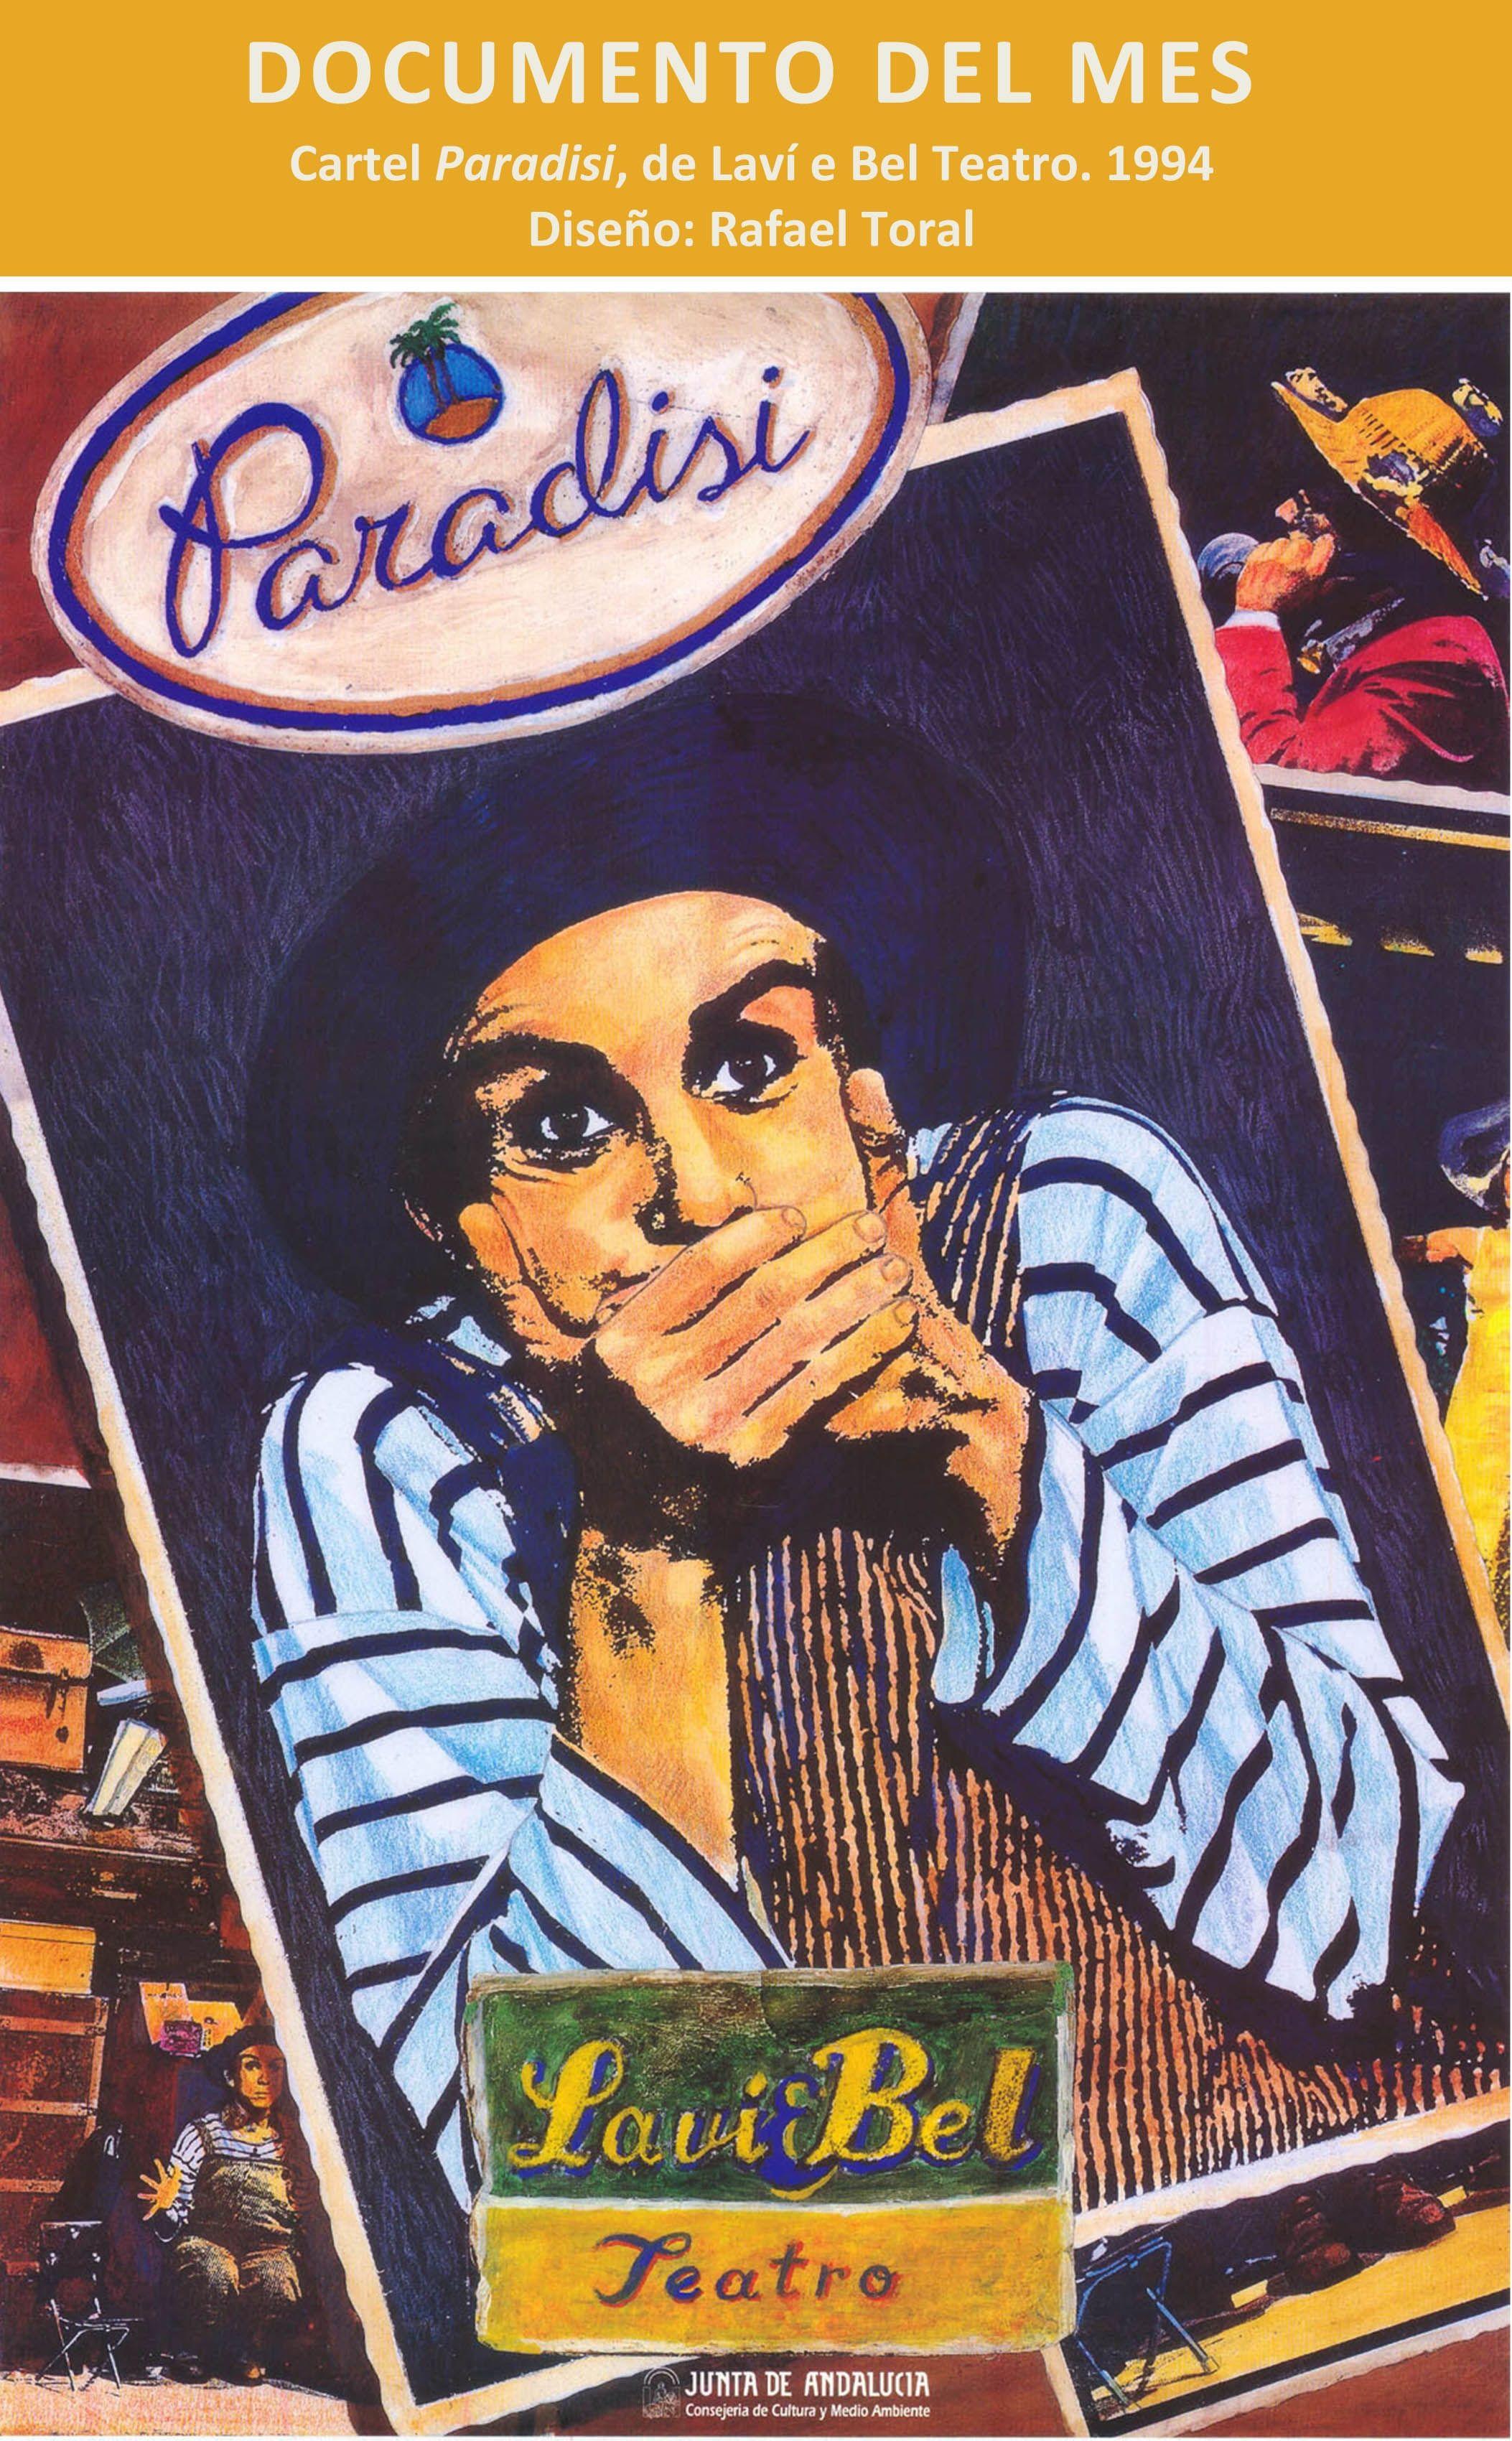 Cartel de Paradisi, de la compañía granadina LavieBel (1994)